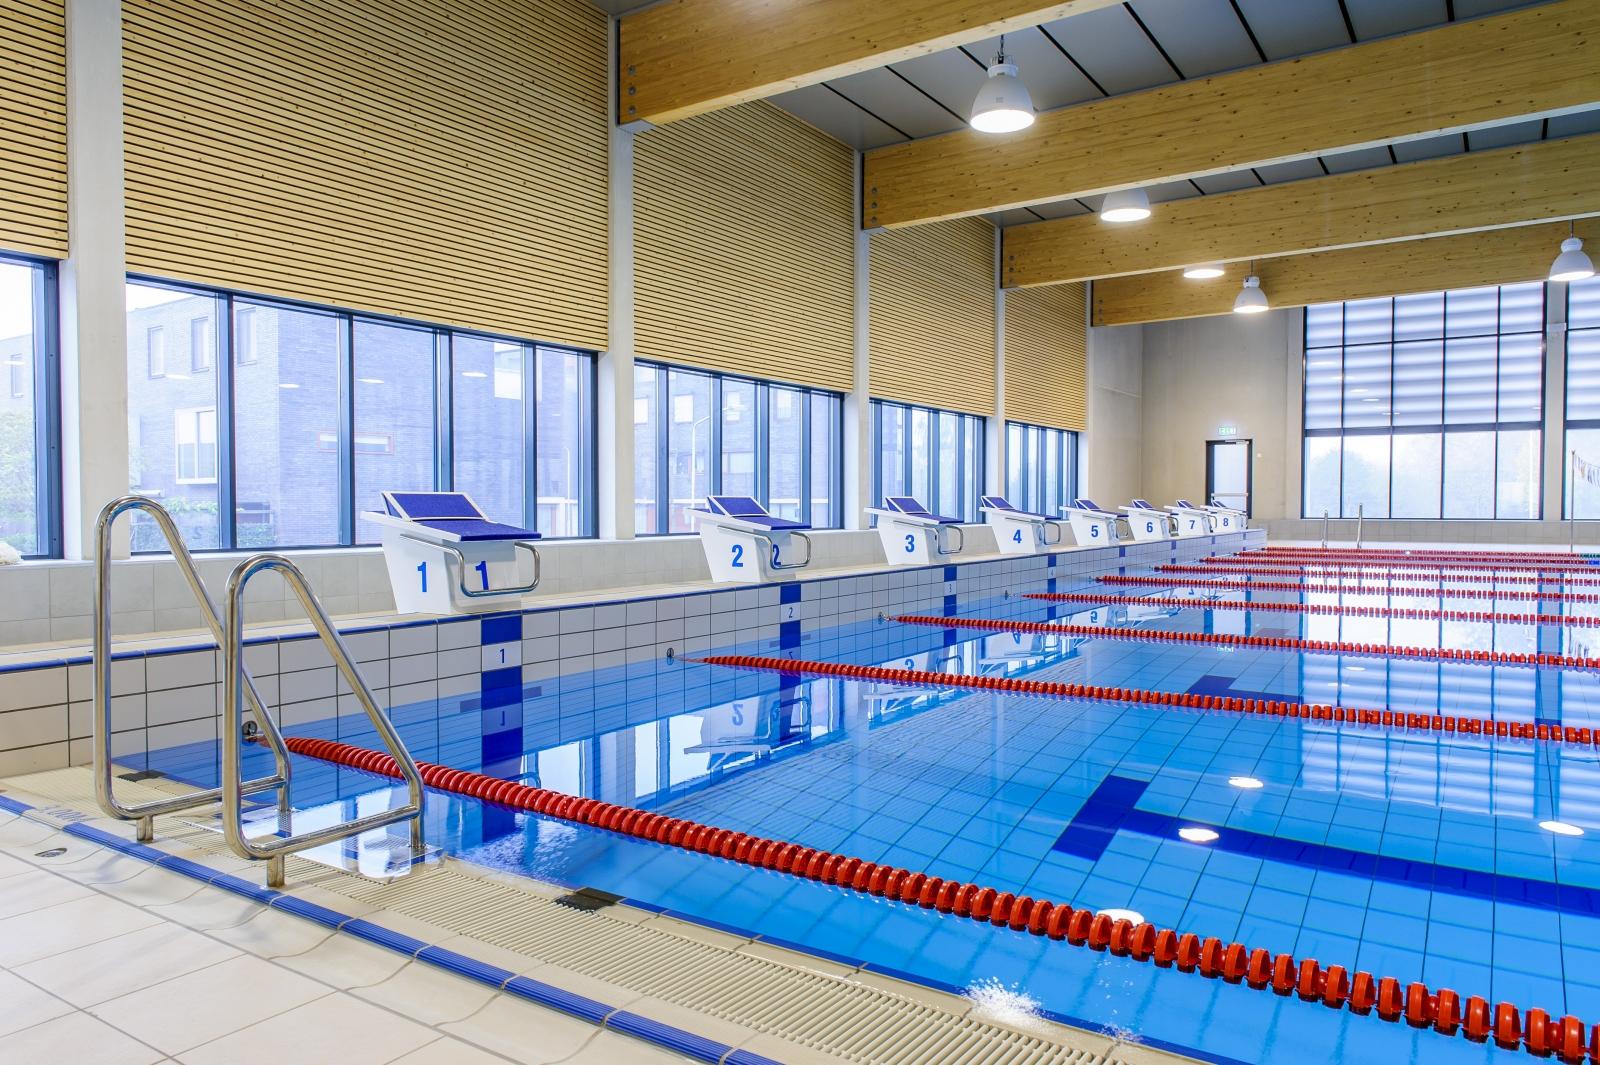 Motie OP toch uitgevoerd: zwembad eerder open